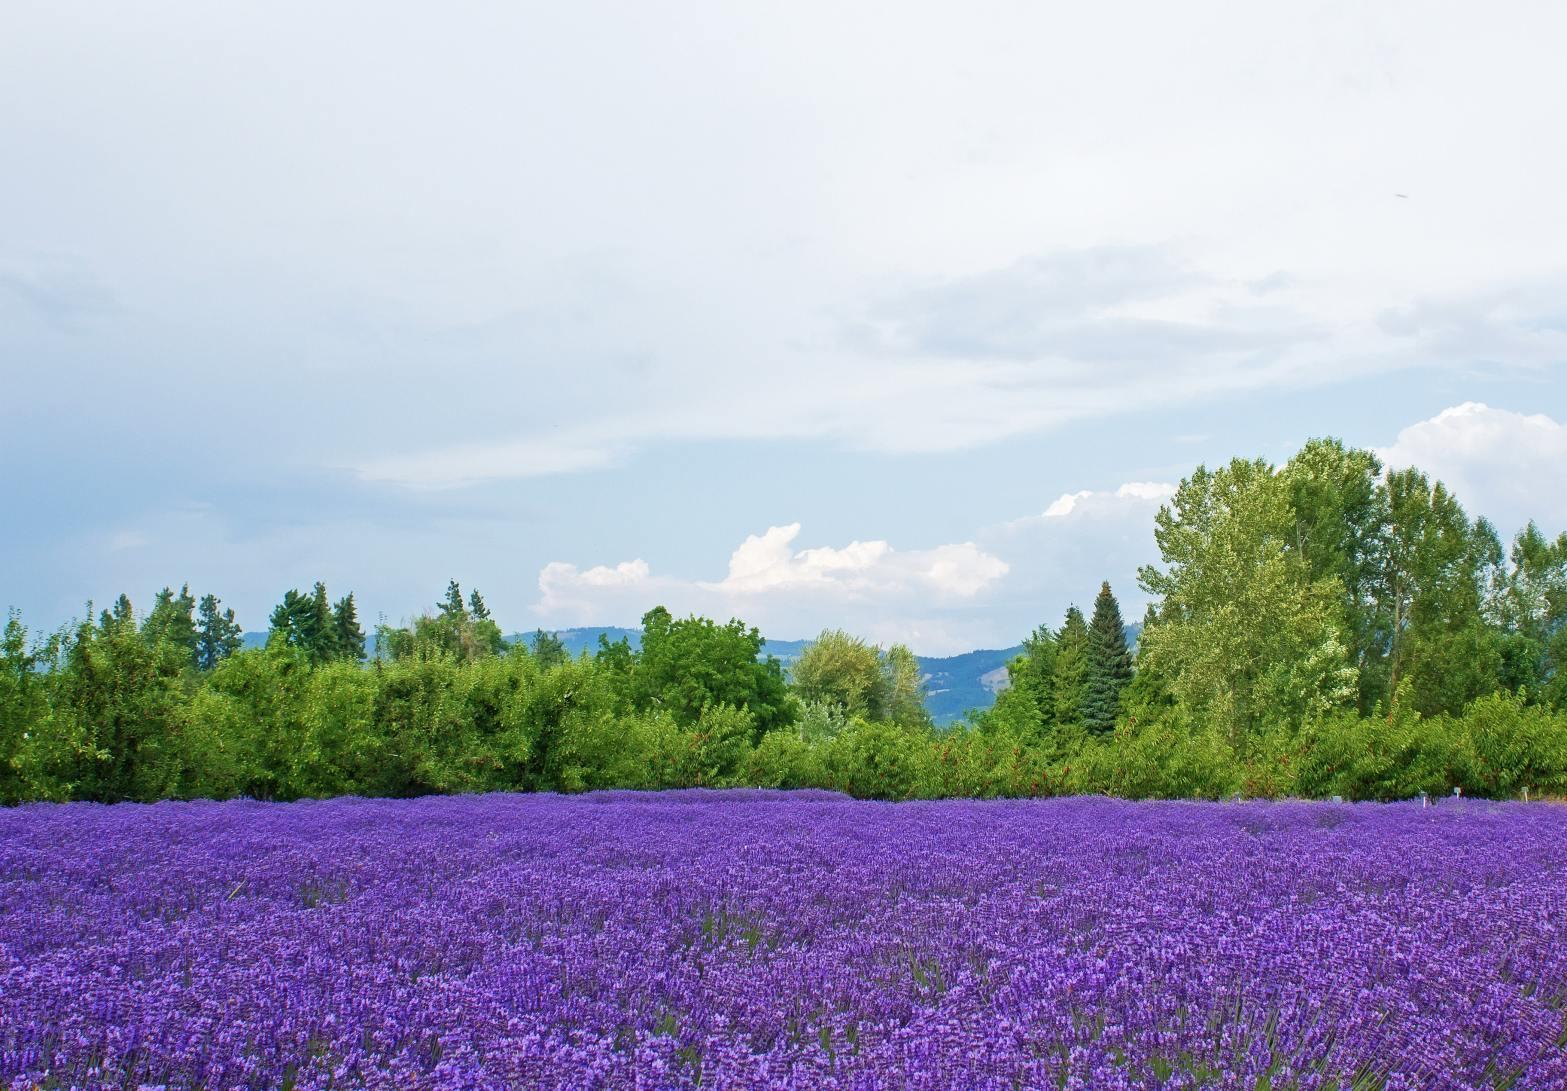 حقول اللافندر في لندن | حديقة و مزرعة حدائق Lavender